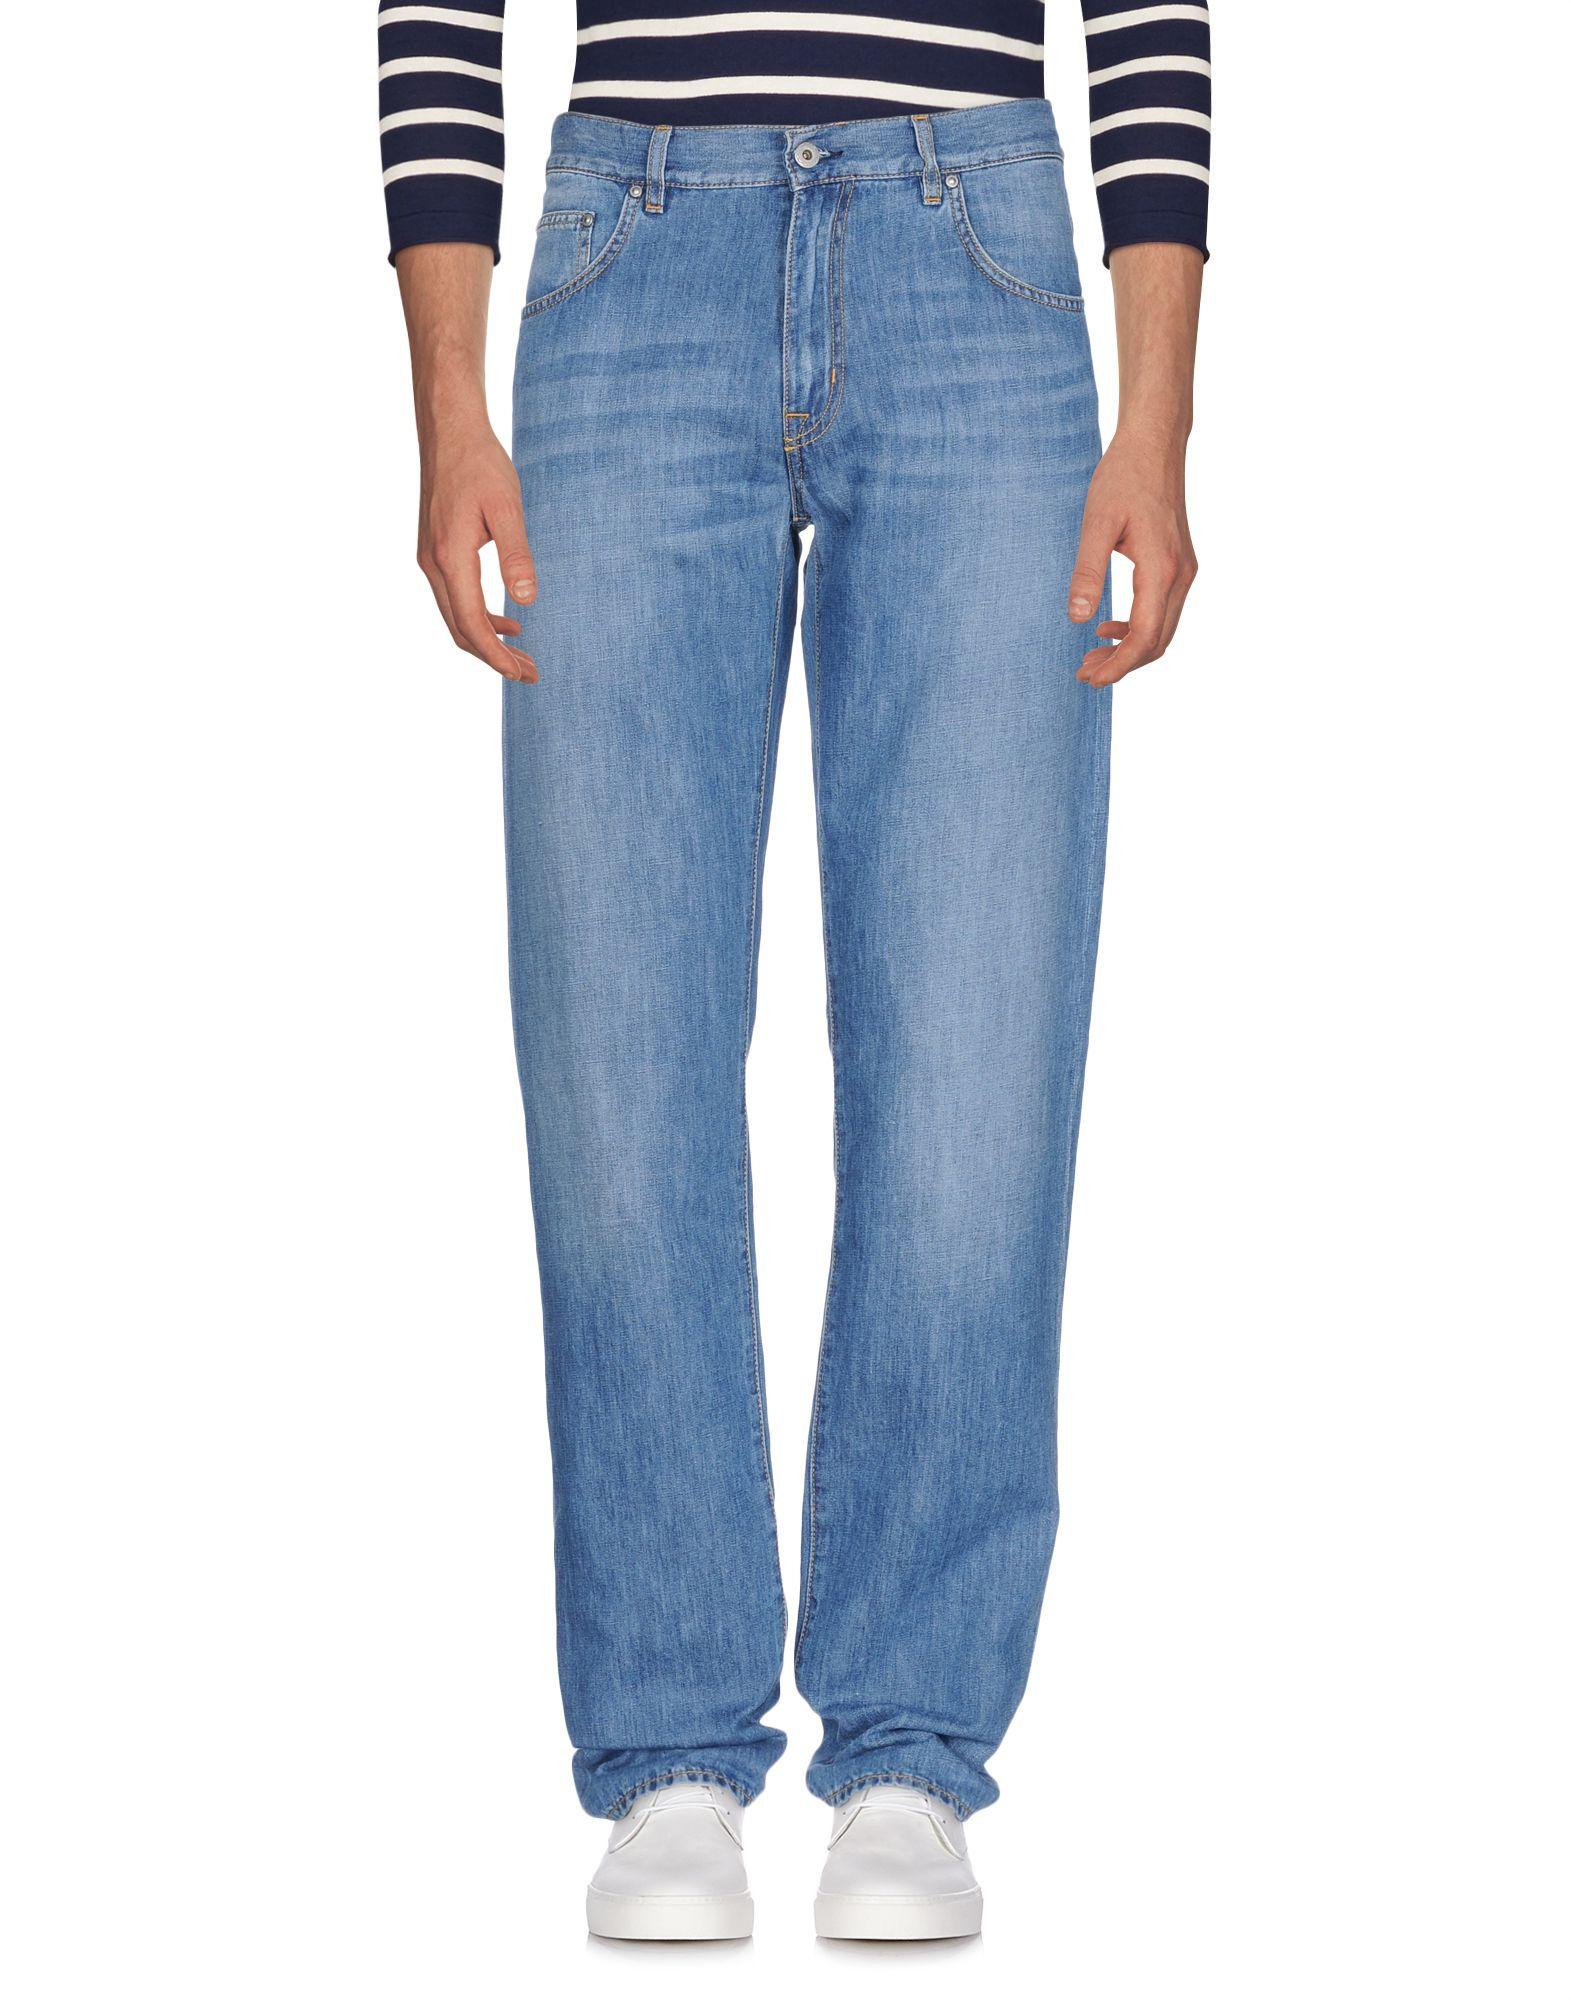 Pantaloni Pantaloni Pantaloni Jeans Gant Uomo - 42656715EB 1564ef